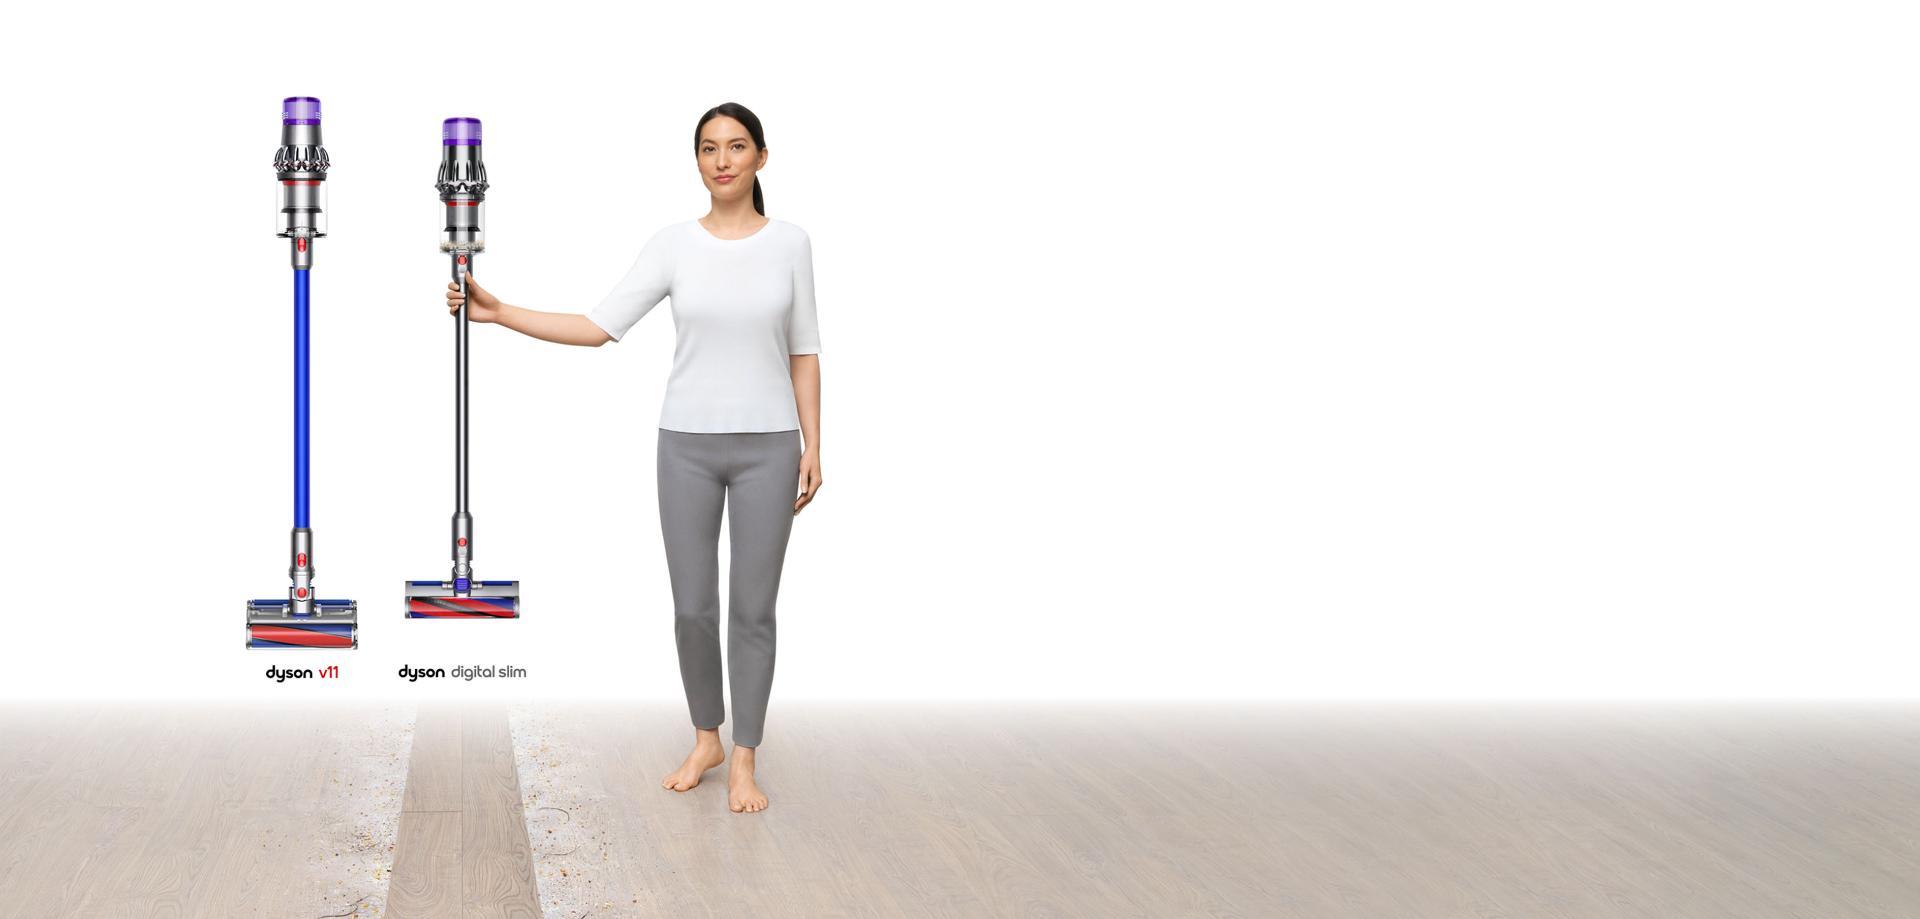 ภาพของผู้หญิงขณะกำลังถือเครื่องดูดฝุ่น Dyson Digital Slim™ พร้อมกับ V11™